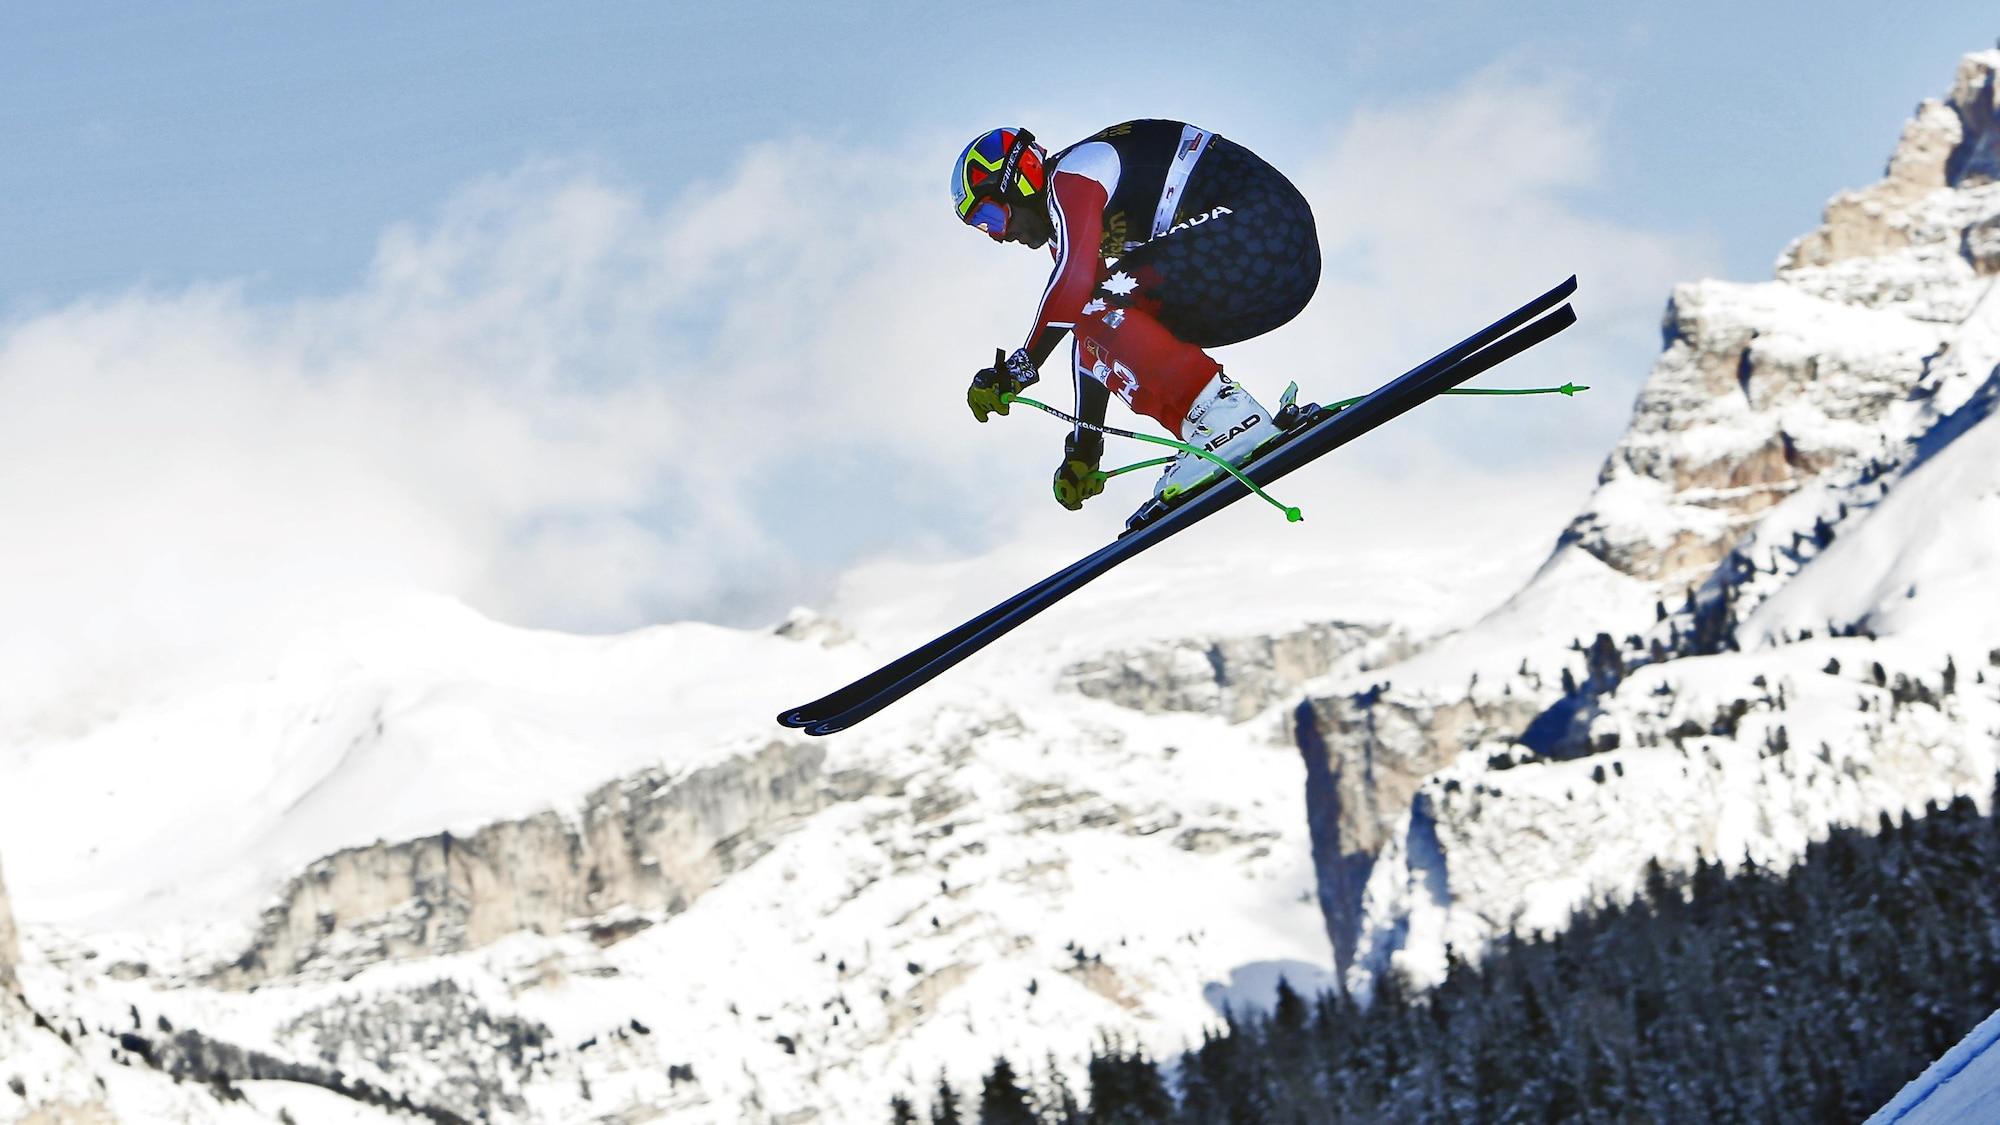 Manuel Osborne-Paradis effectue un saut avec, en arrière-plan, des montagnes.